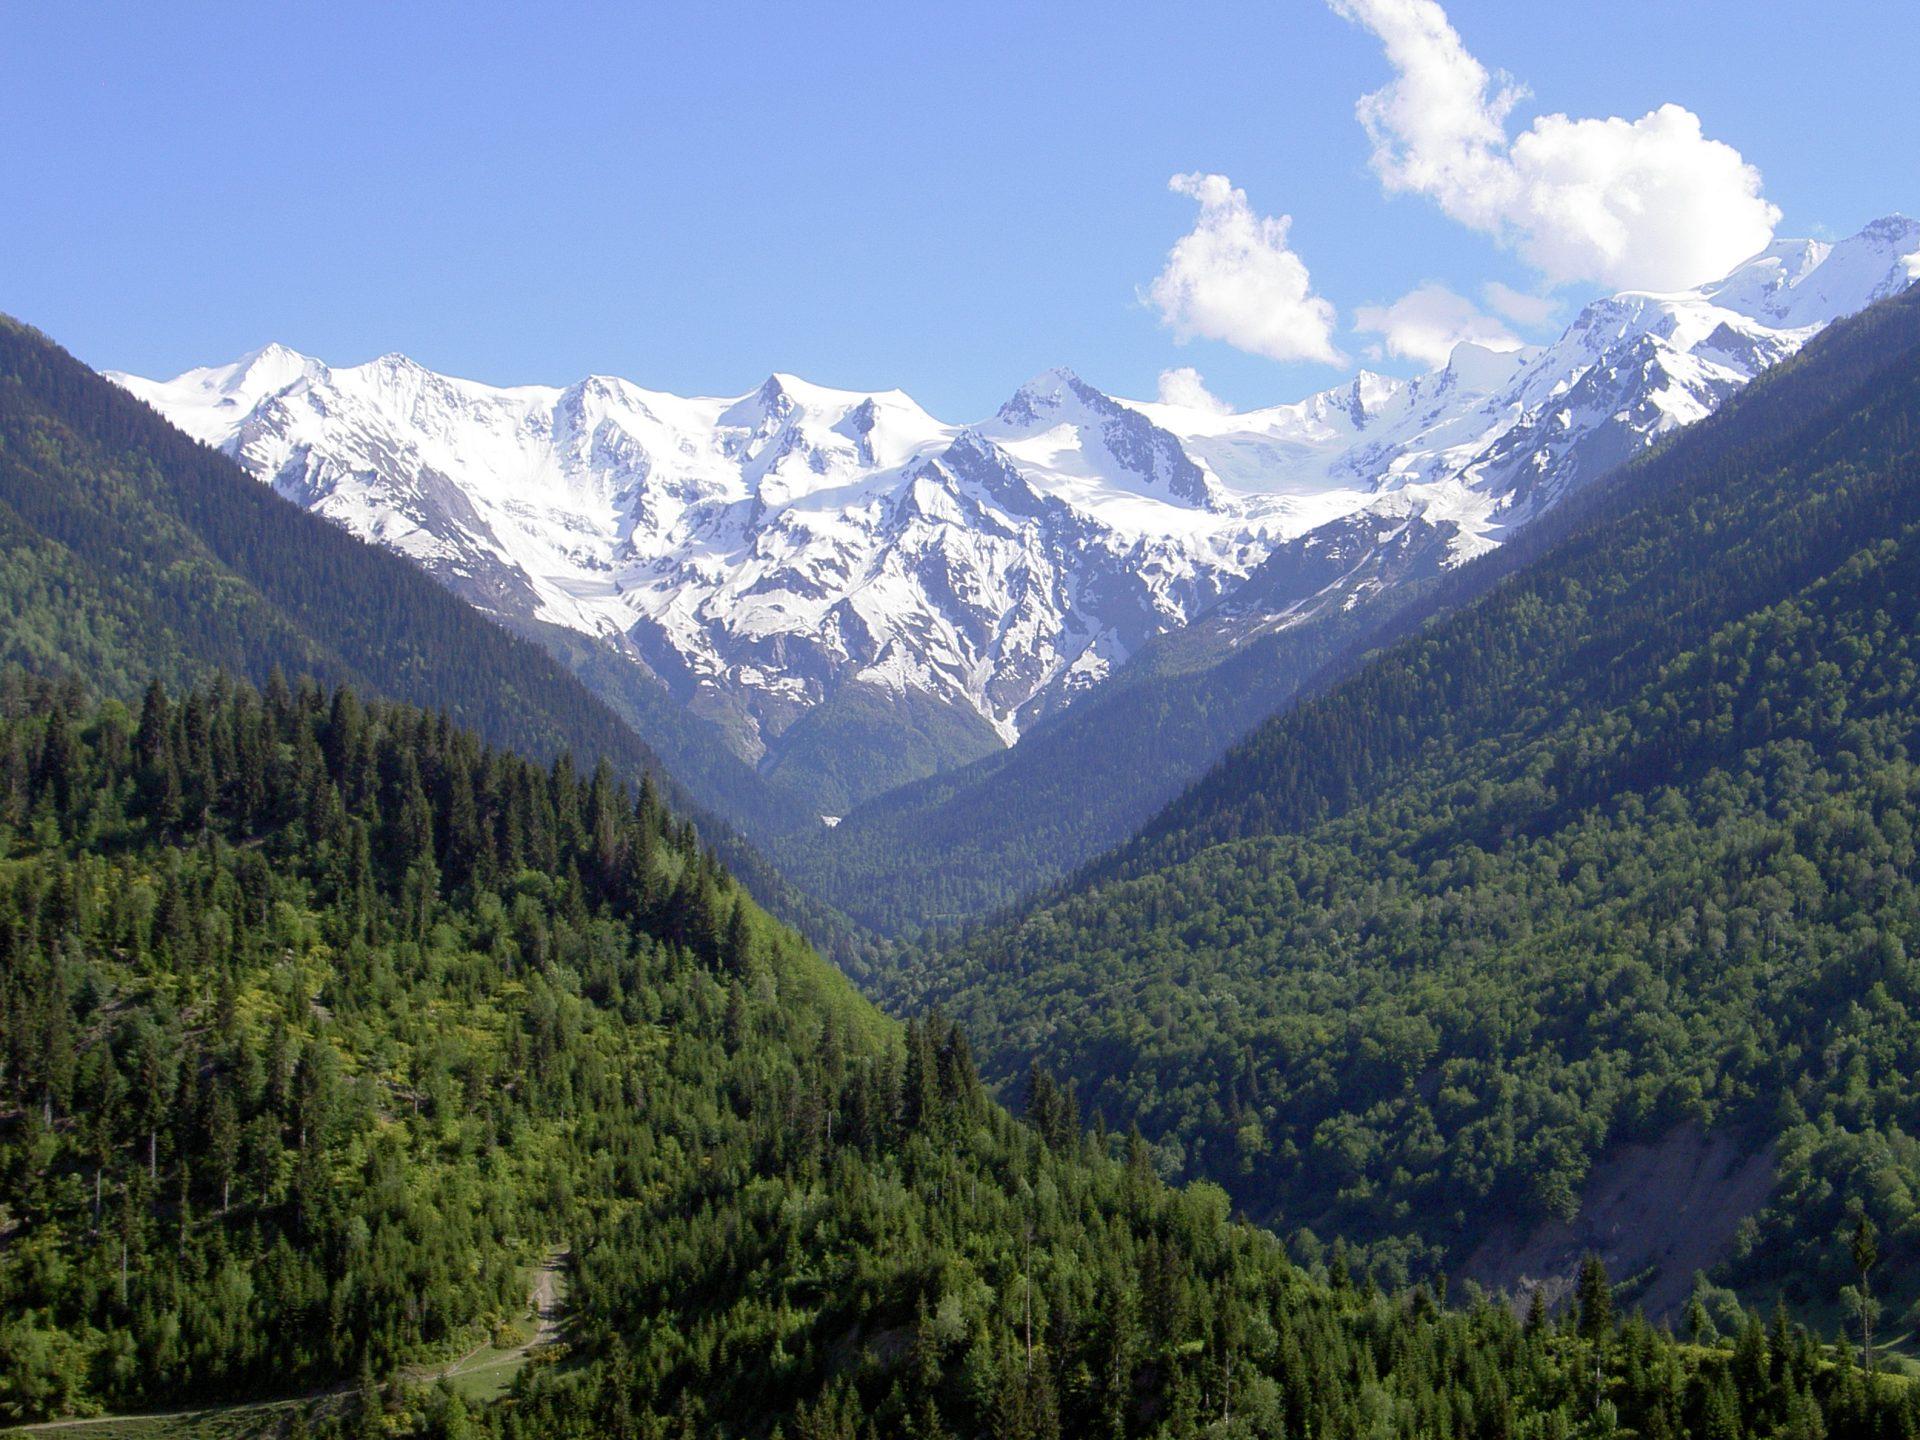 Naturvy på alptopp täckt med snö och granar i Georgien